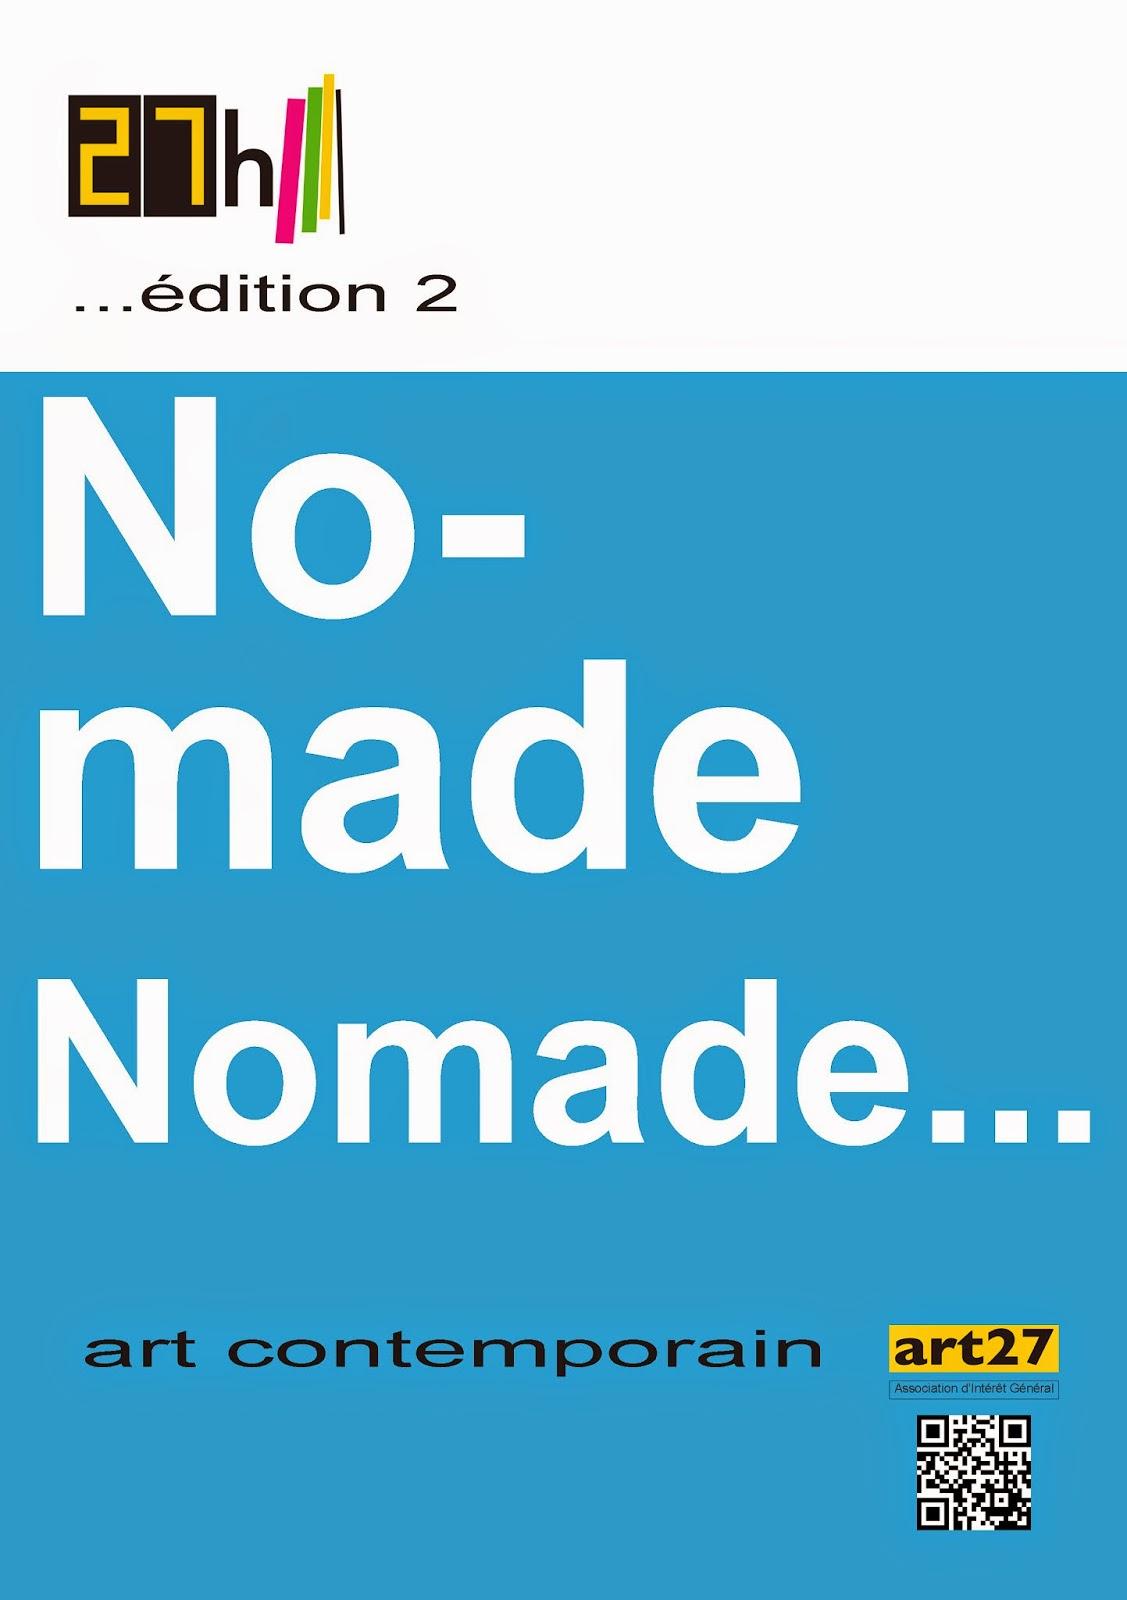 http://www.art27.fr/art27/art27_files/art27-27h-2%20concept.pdf